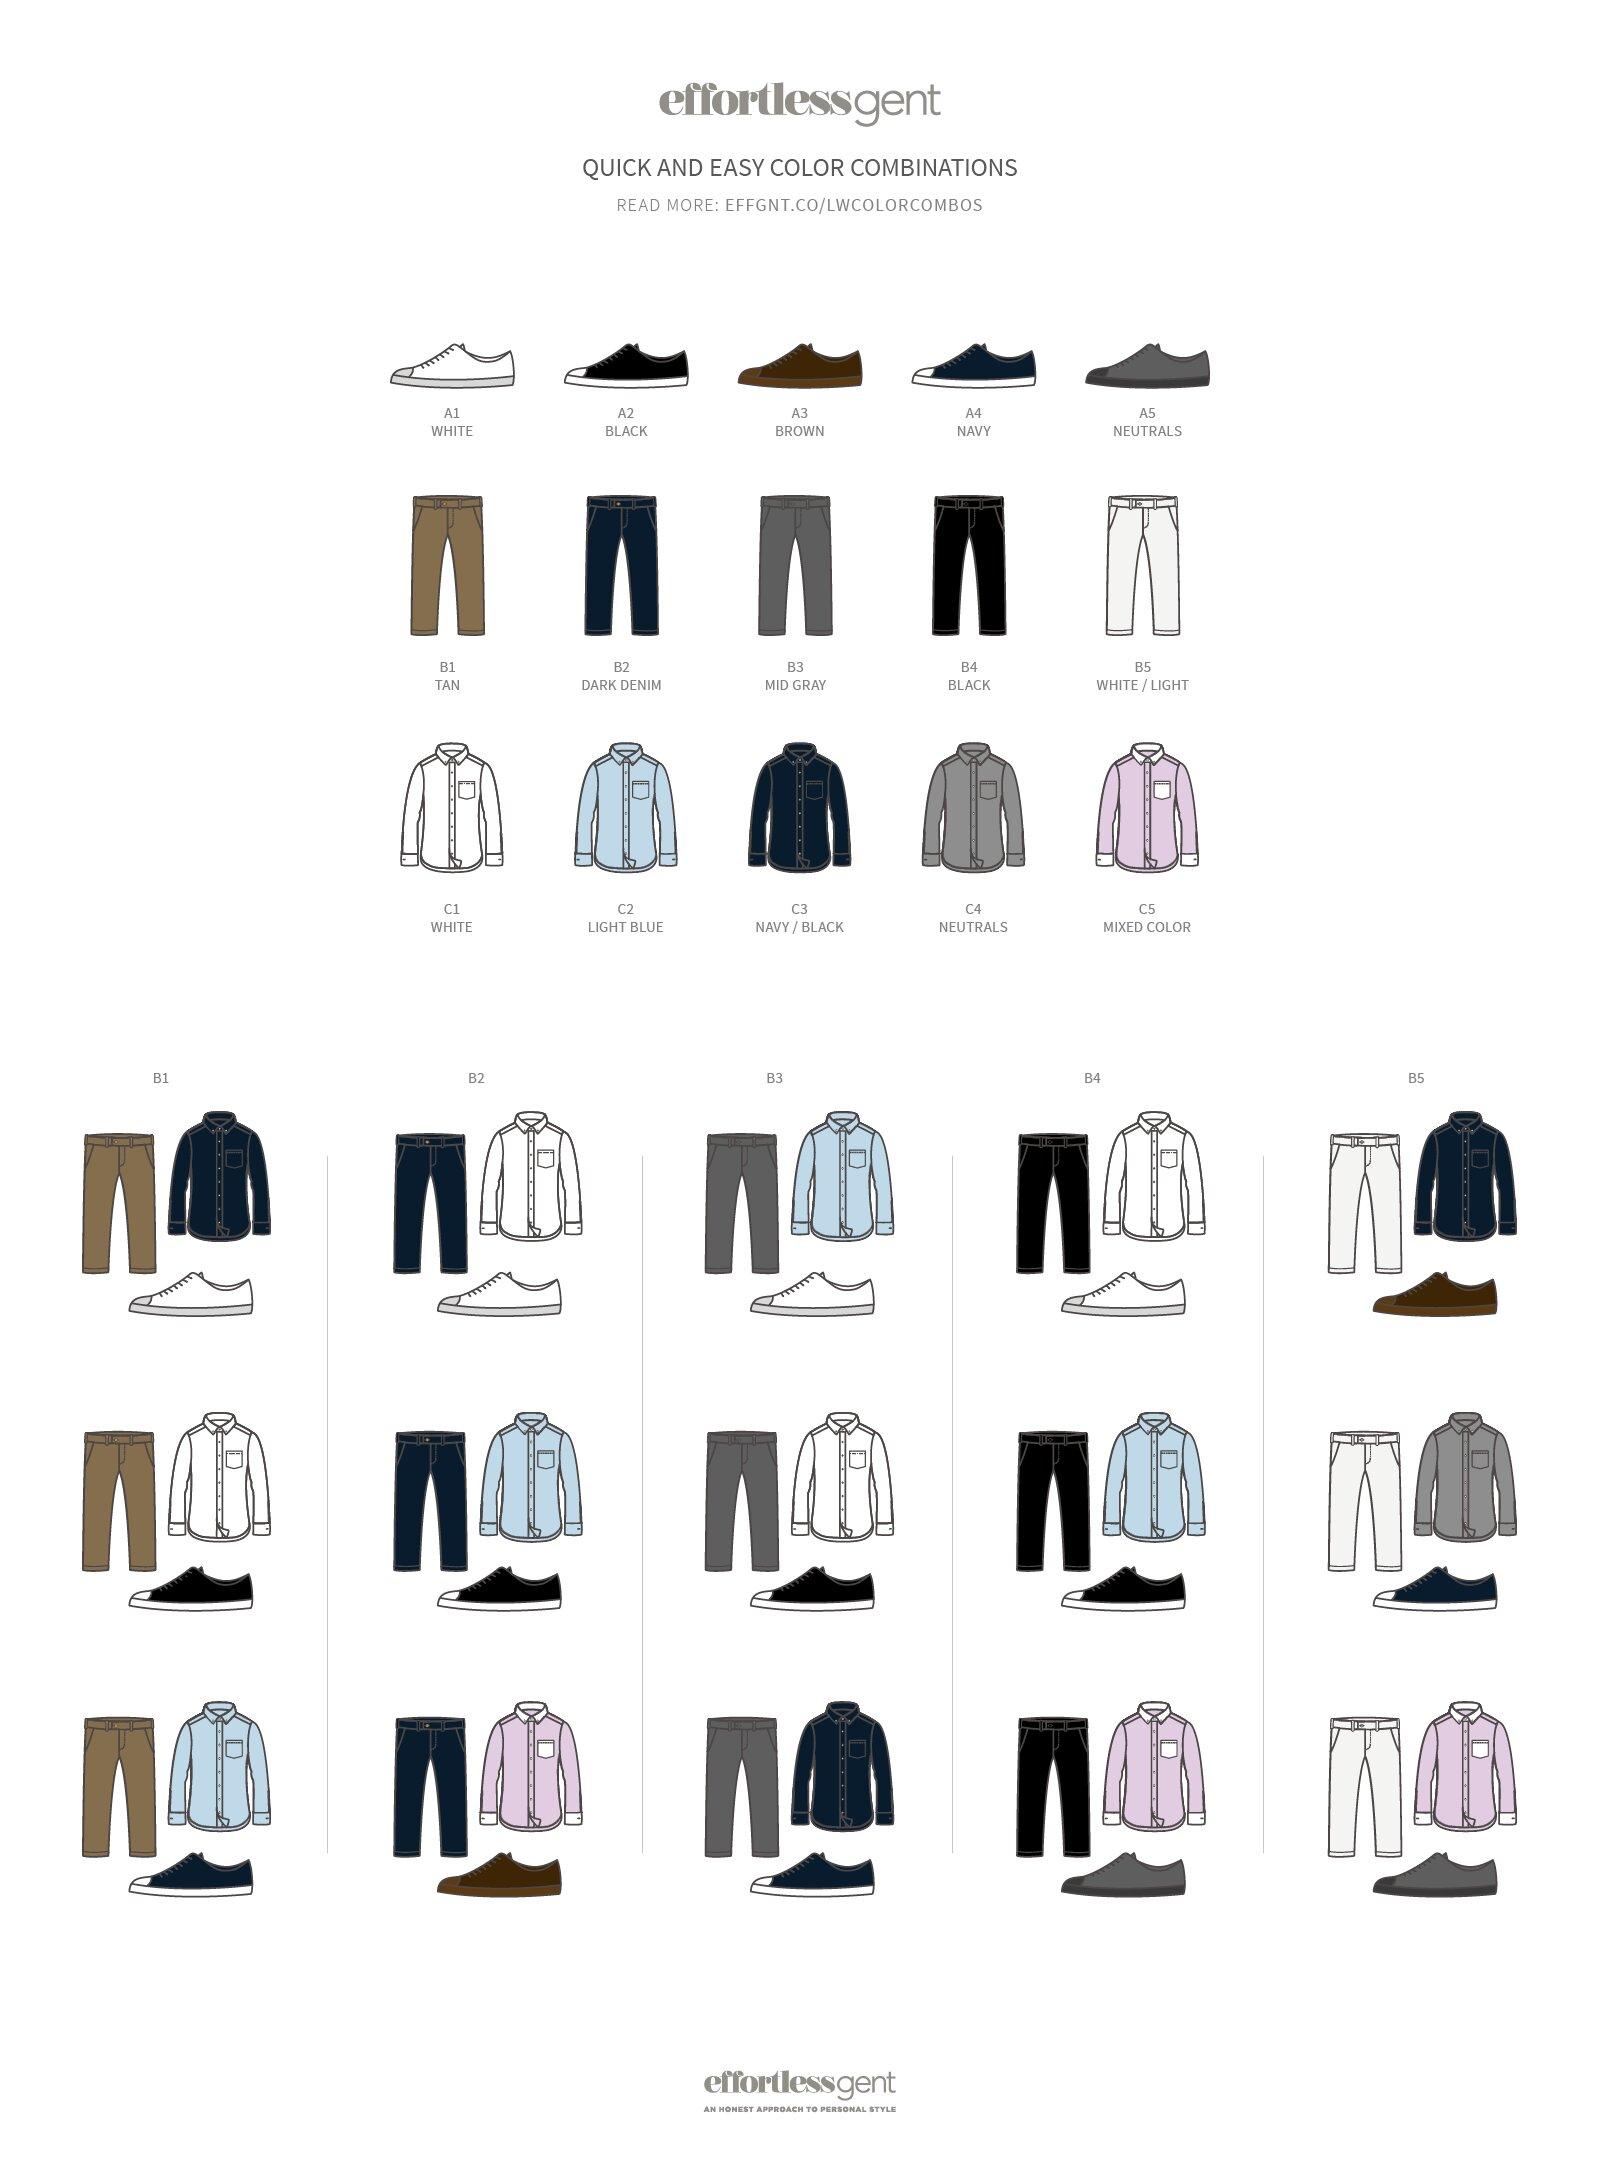 Phối hợp quần-áo-giày siêu dễ dàng.